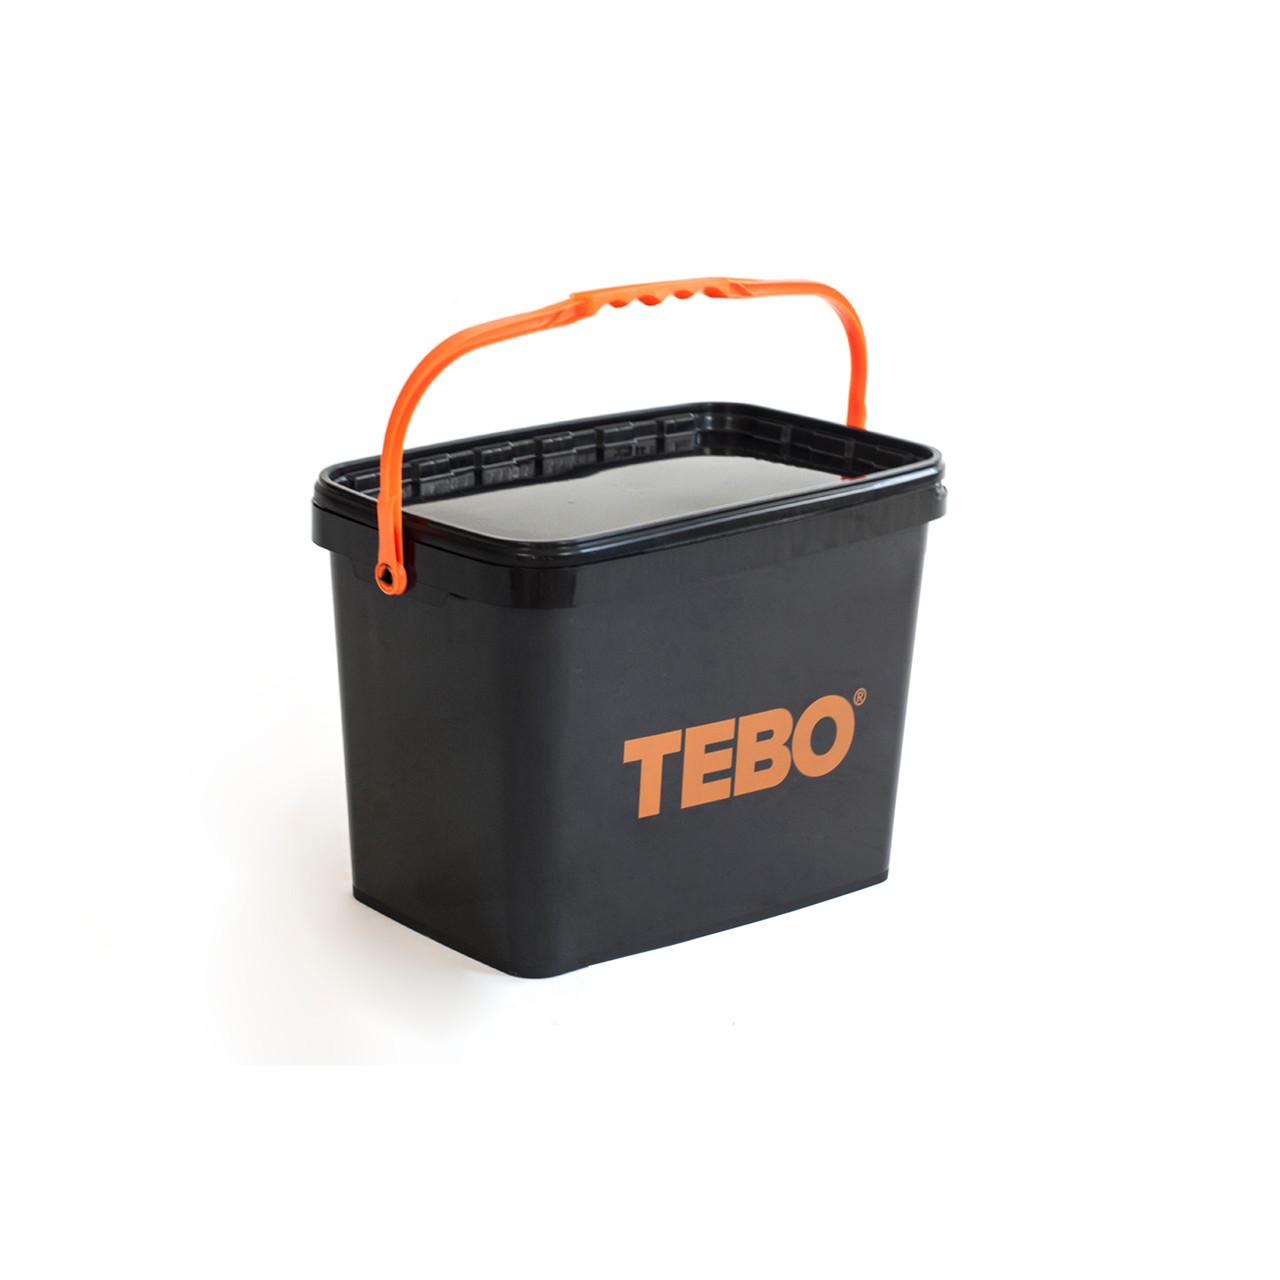 TEBO Opbevaringsspand til Spin Level nivelleringssystem - Værktøj -> Håndværktøj -> Murerværktøj -> Fliseværktøj -> Nivileringskiler|Værktøj -> Håndværktøj -> Murerværktøj -> Fliseværktøj|Værktøj -> Håndværktøj -> Murerværktøj|Værktøj -> Håndværktøj|Mærker -> TEBO